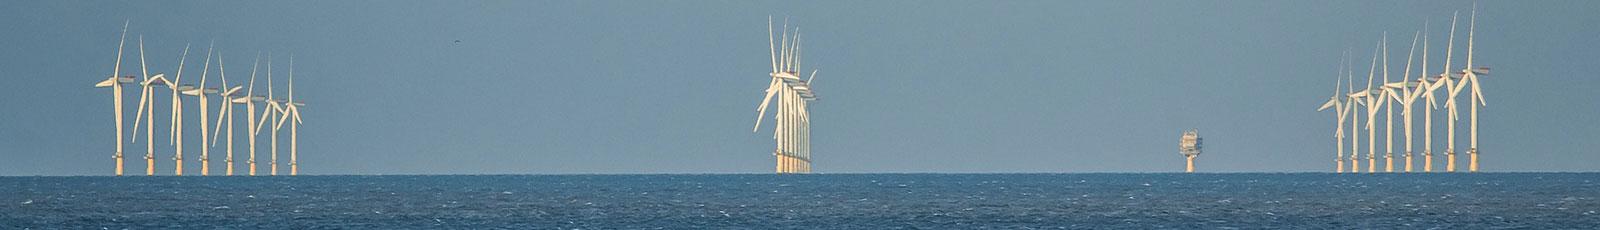 wind-turbines-1117824_1600